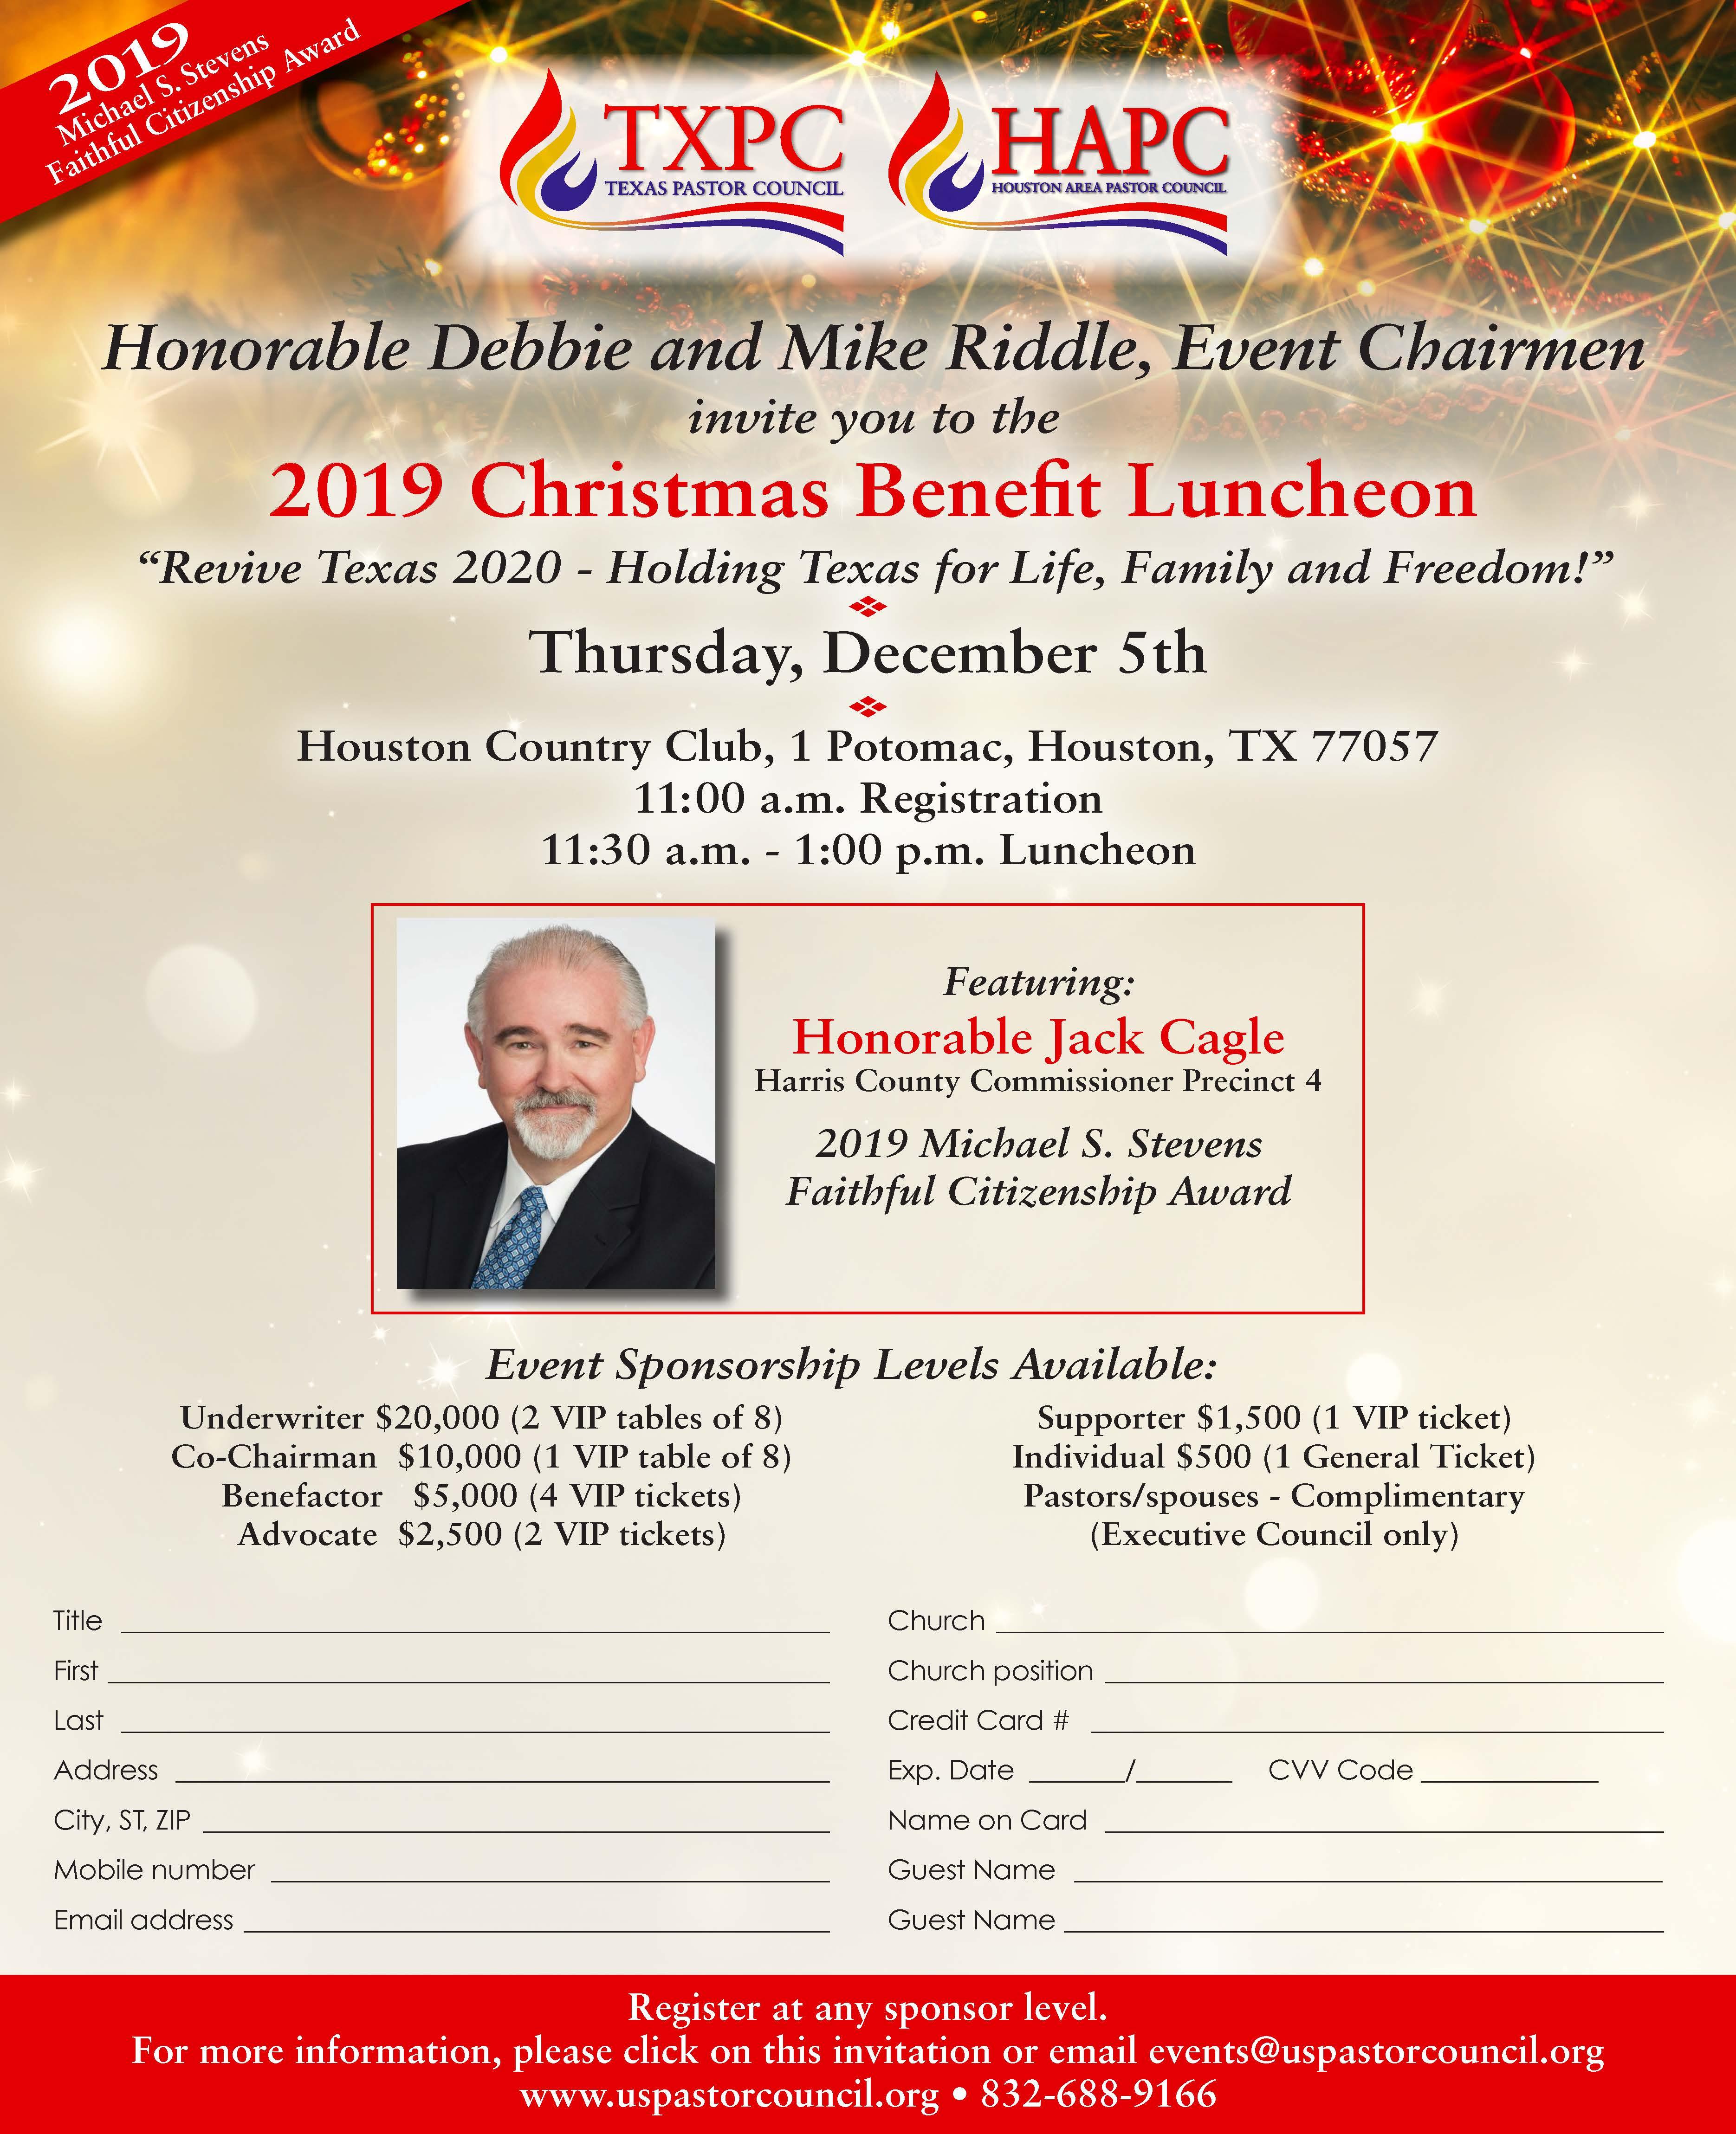 2019 TXPC/HAPC Christmas Benefit Luncheon